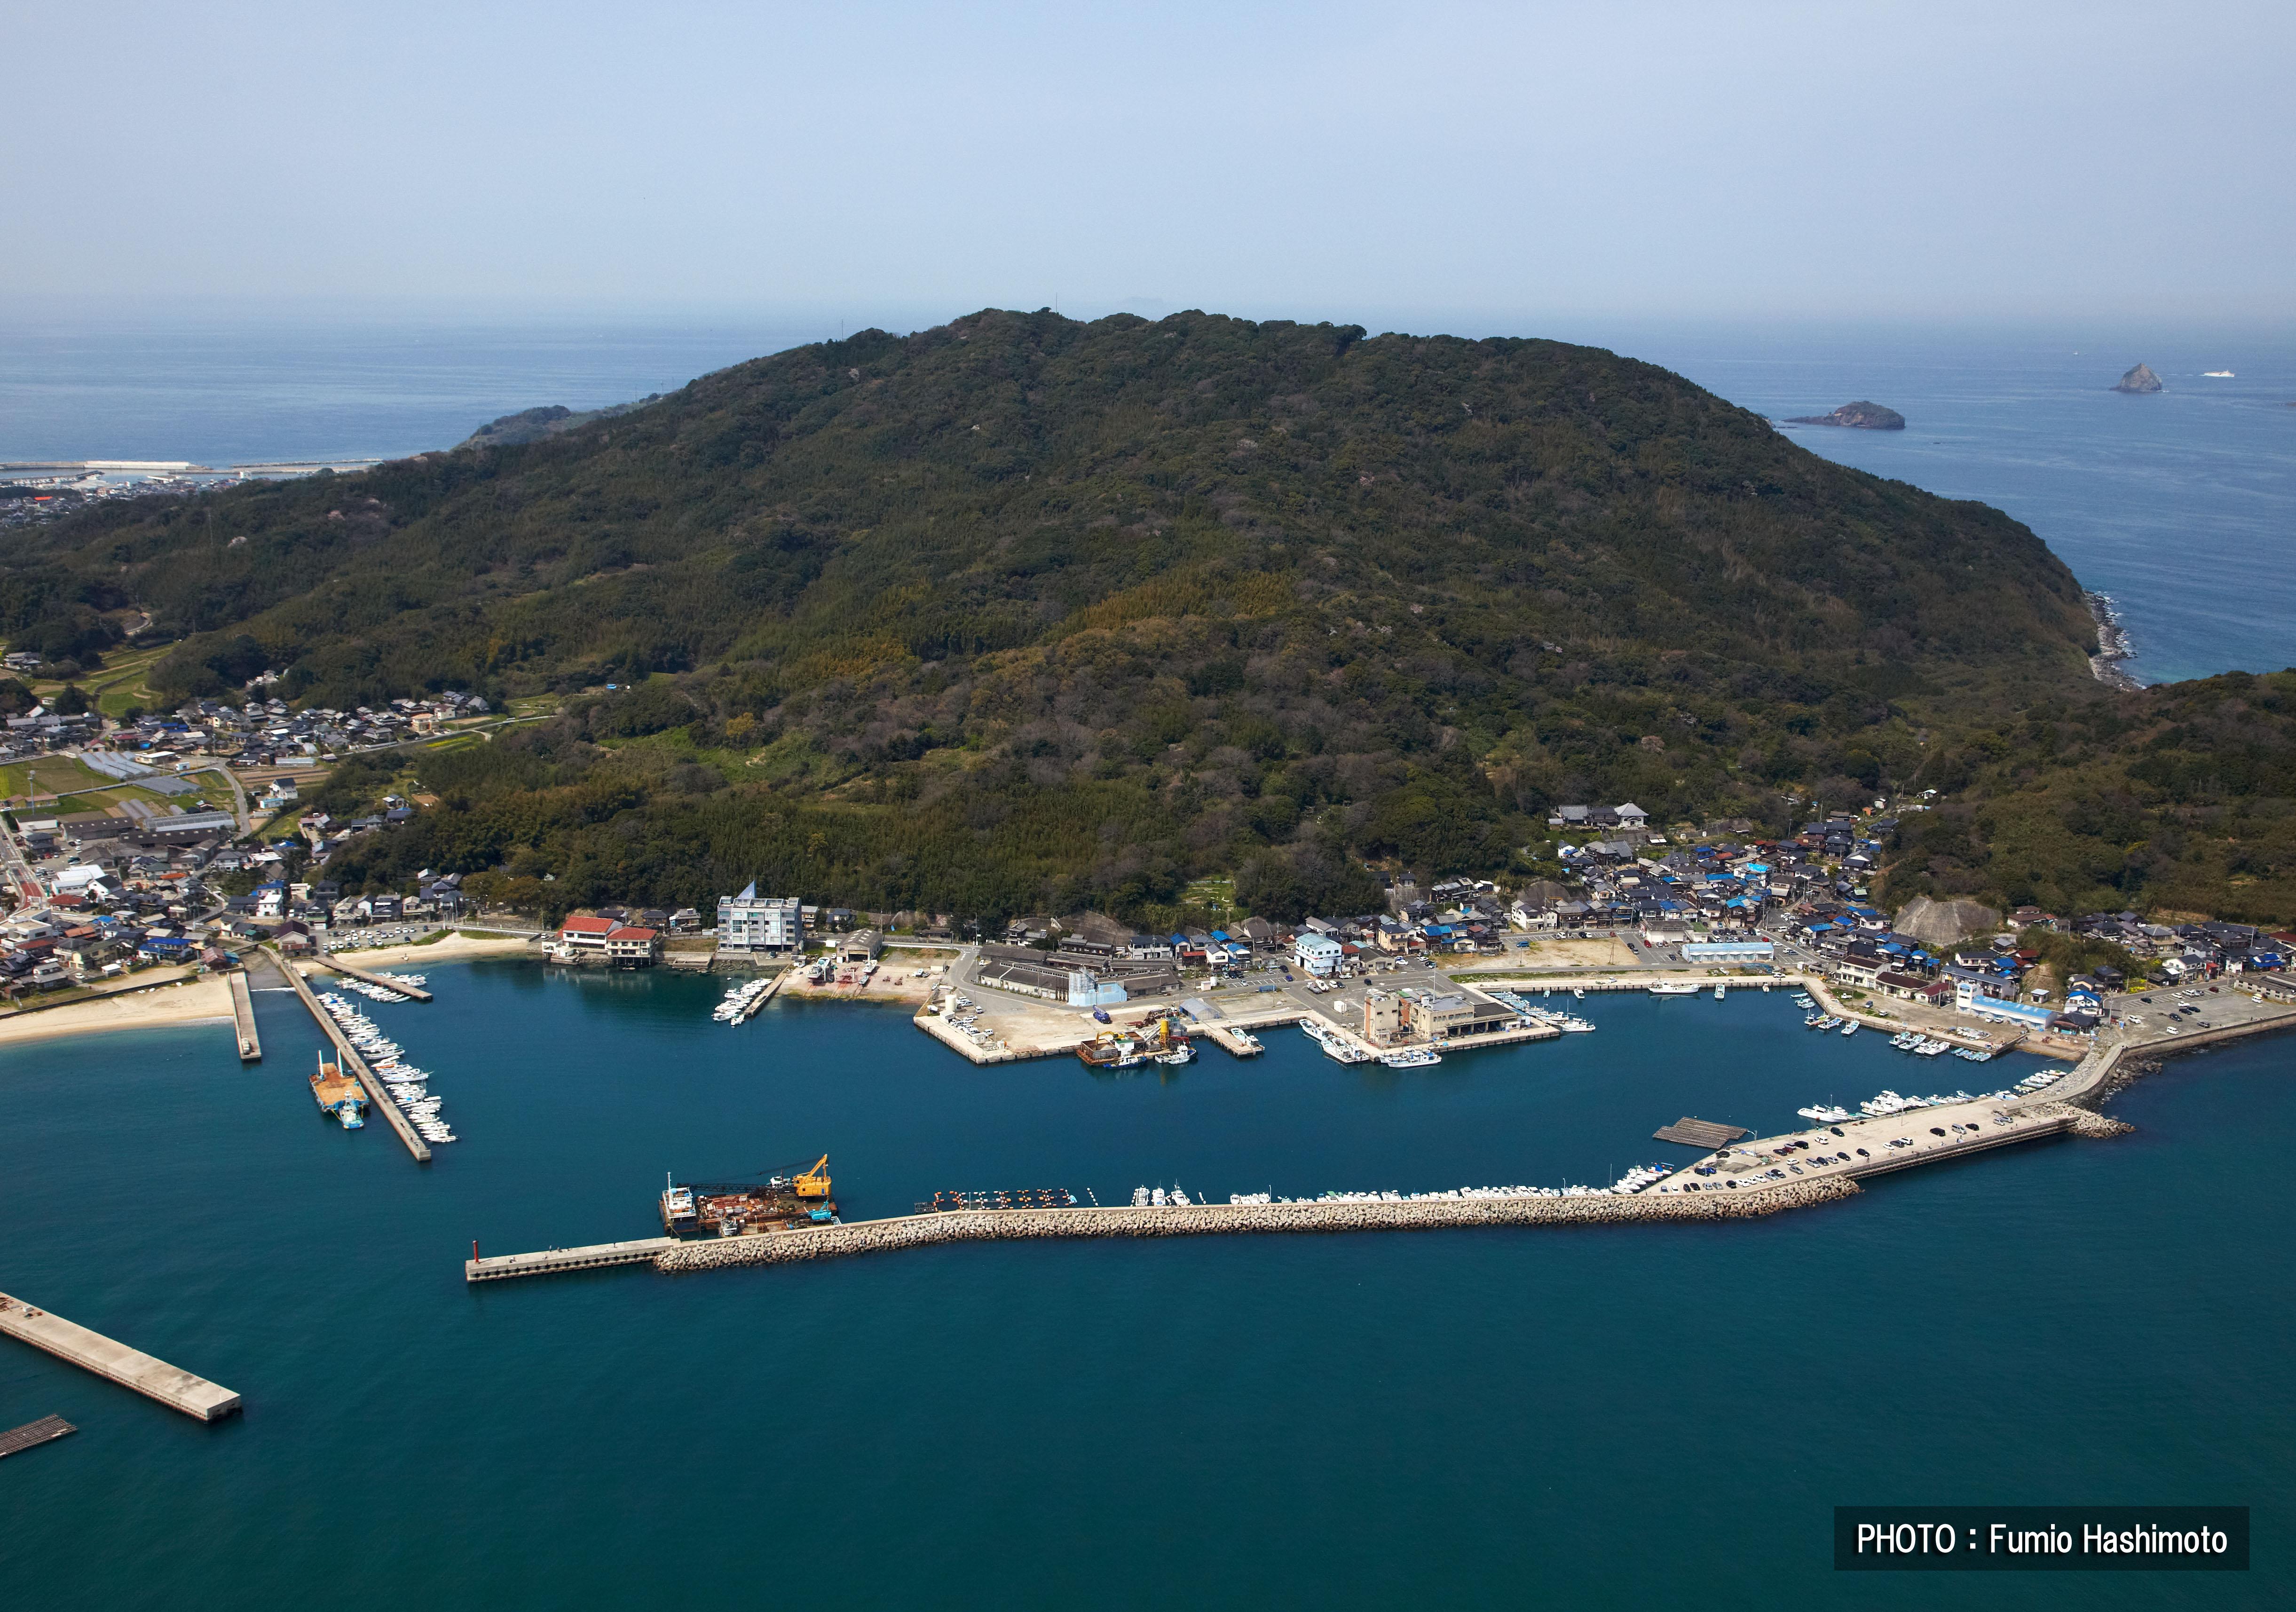 宮浦漁港(2009)の画像